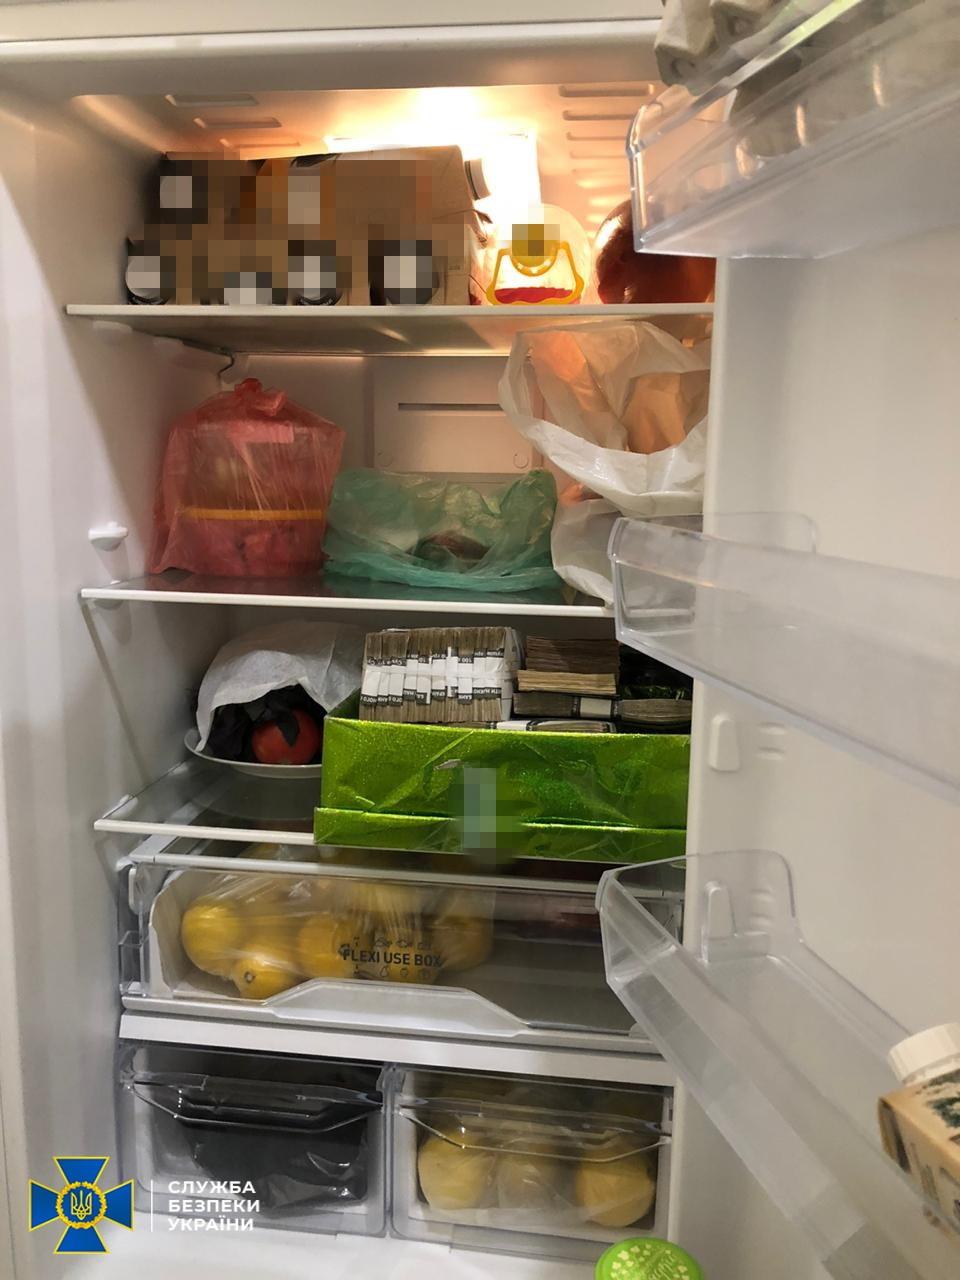 """Гроші ховали в холодильнику: СБУ розкрила масштабну корупційну схему на """"Укрзалізниці"""", фото"""